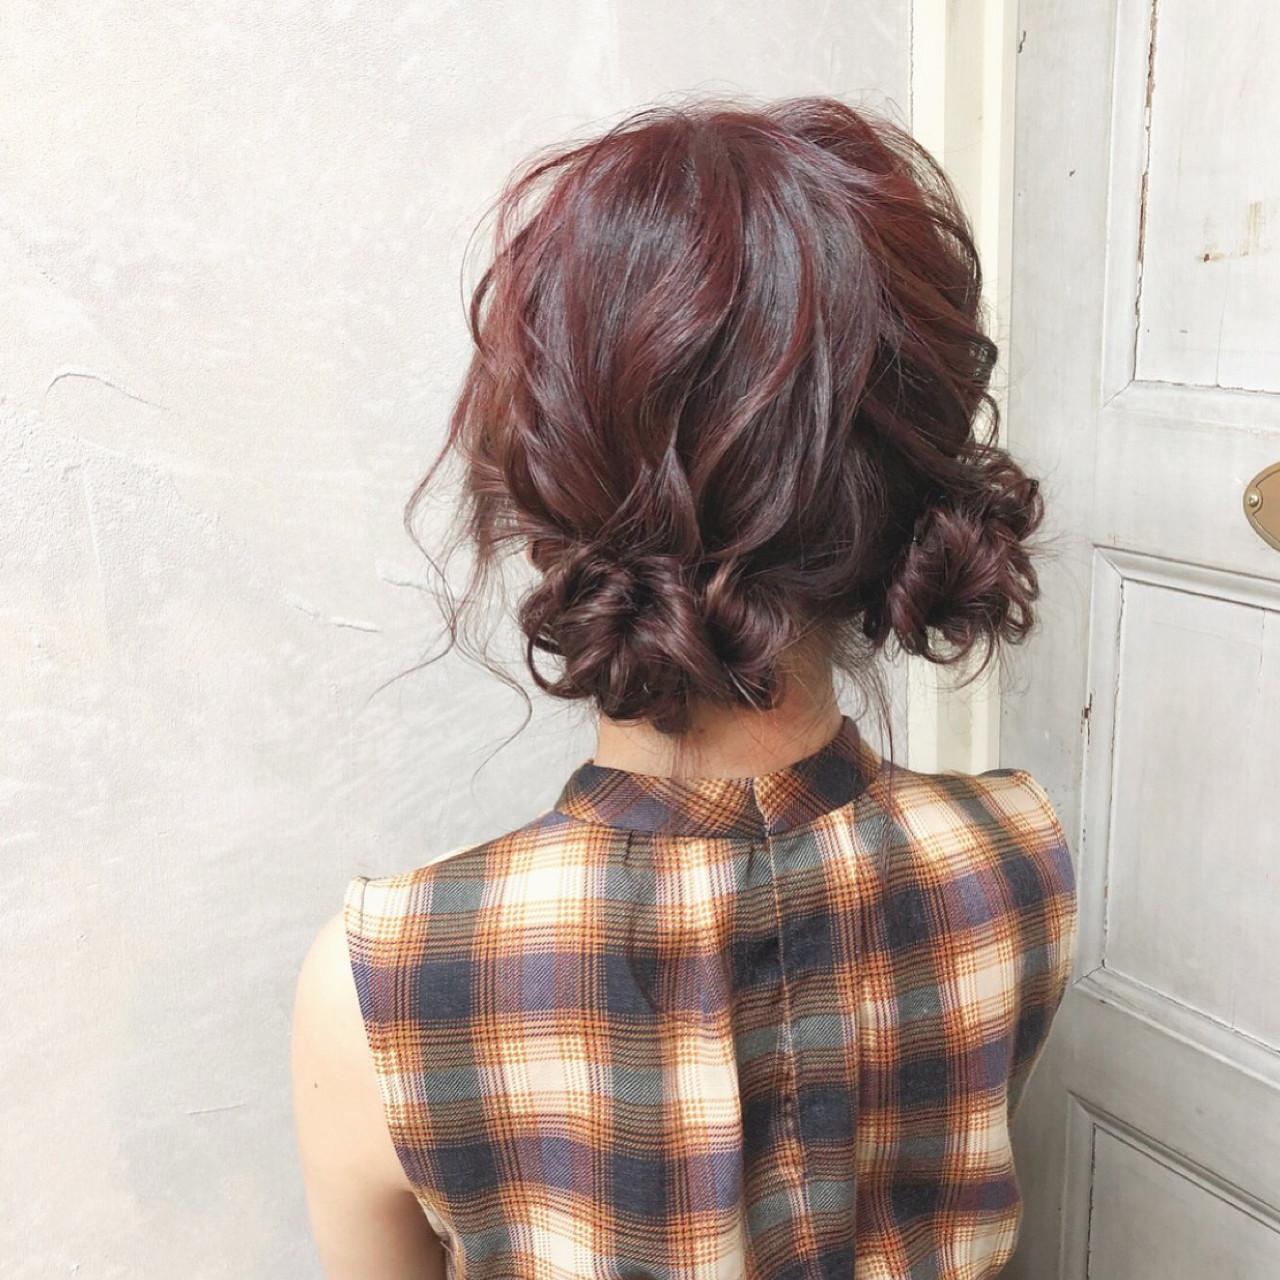 ミディアム ナチュラル お団子 簡単ヘアアレンジ ヘアスタイルや髪型の写真・画像